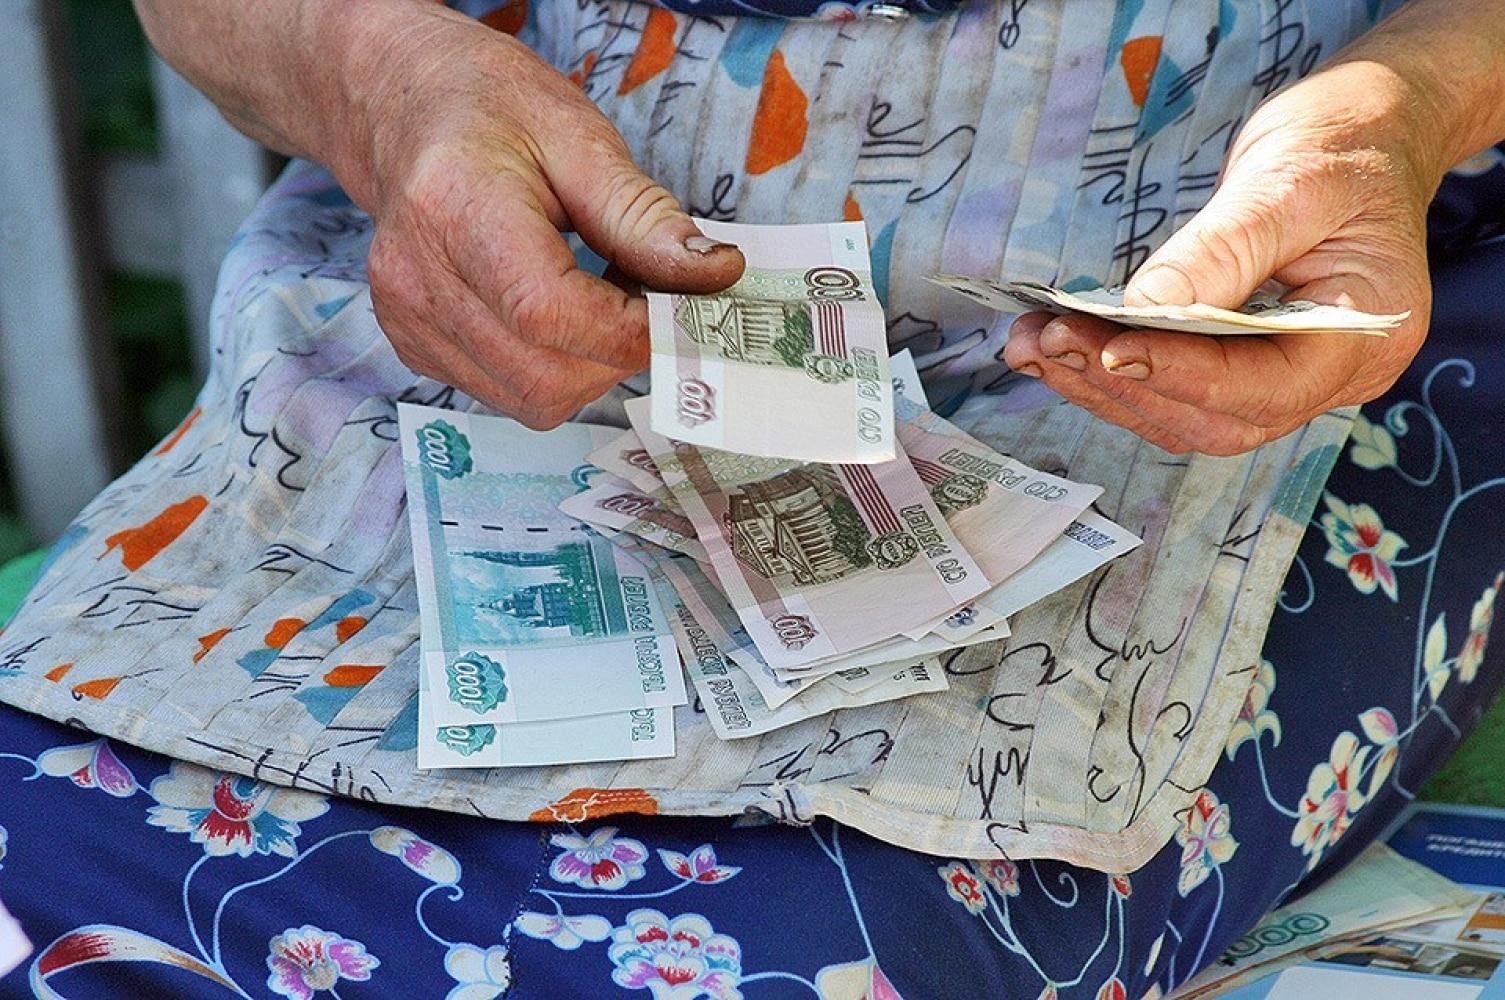 В городе Клинцы 31-летняя воровка украла у пенсионерки 70 тысяч рублей